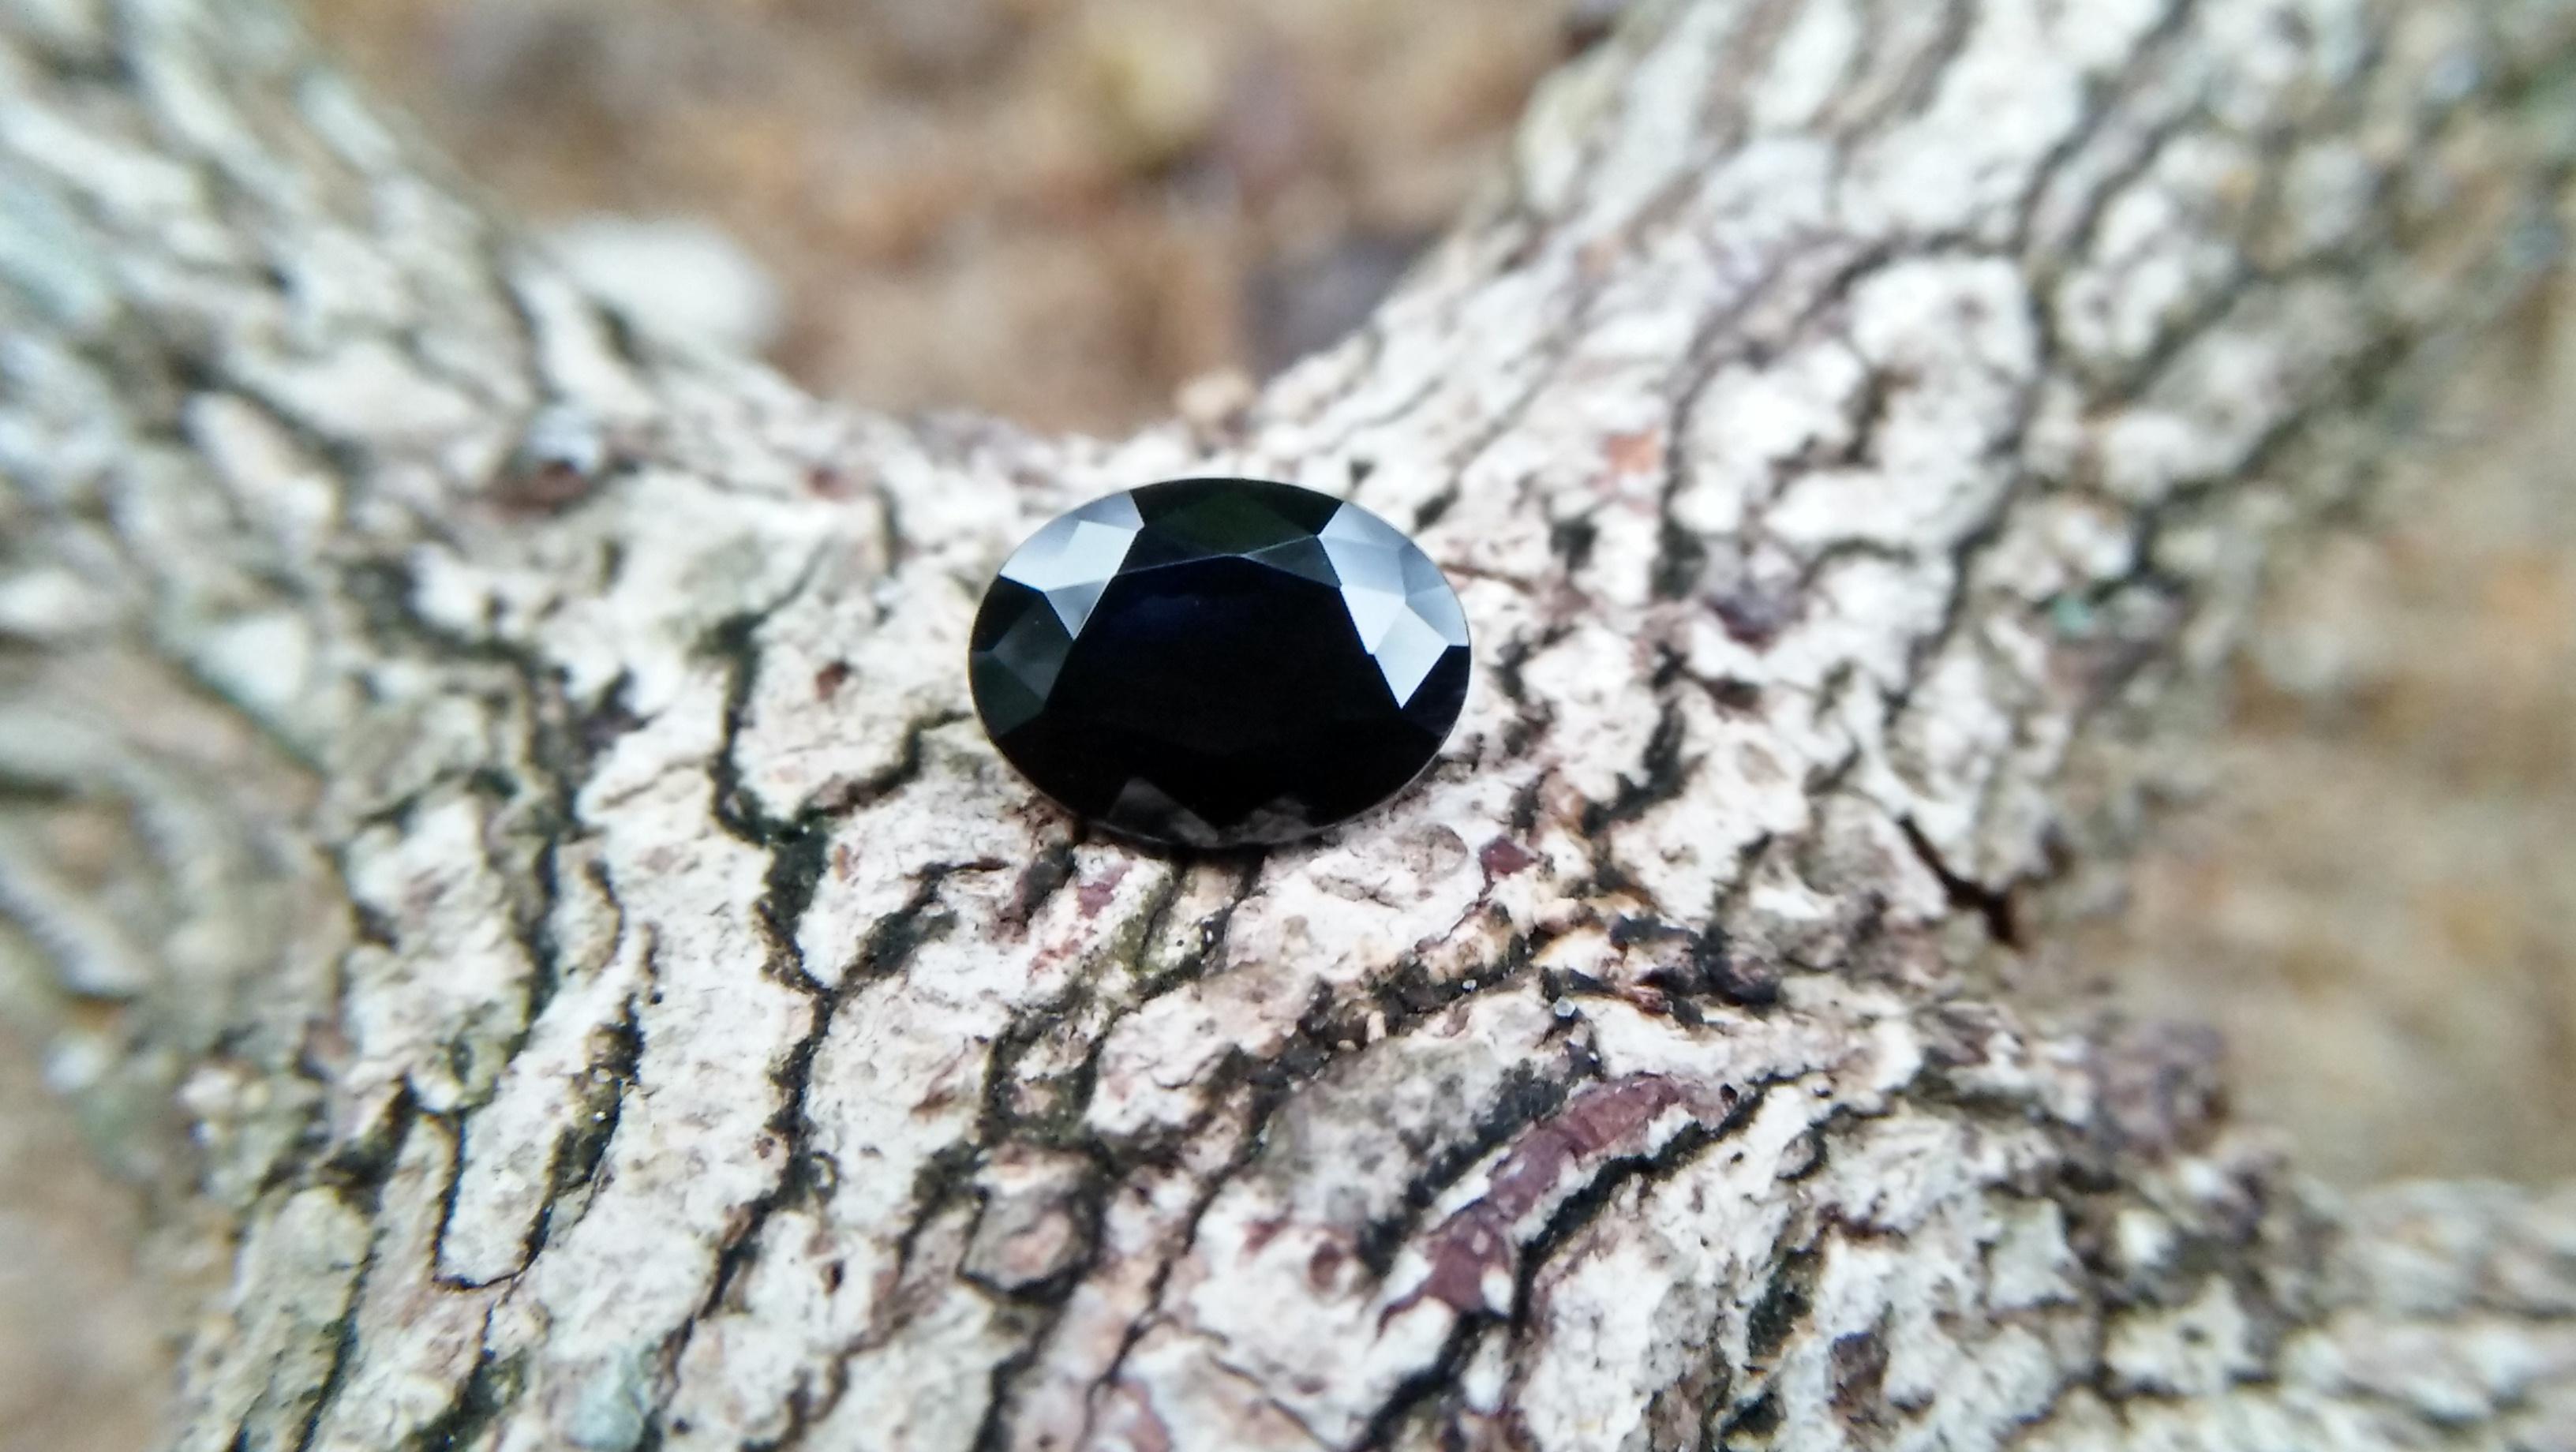 Natural Dark Blue Sapphire ( Kakanil ) කාකනිල් සෙනසුරු ග්රහයාට අයත් මැණික/ Stone of Saturn Shape : Ovel Clarity : Clean Treatment : Natural/Unheated Dimension : 7.3mmx 5.3mm x 3.9mm Weight : 1.55Cts Location : City of Gem Ratnapura Sri Lanka